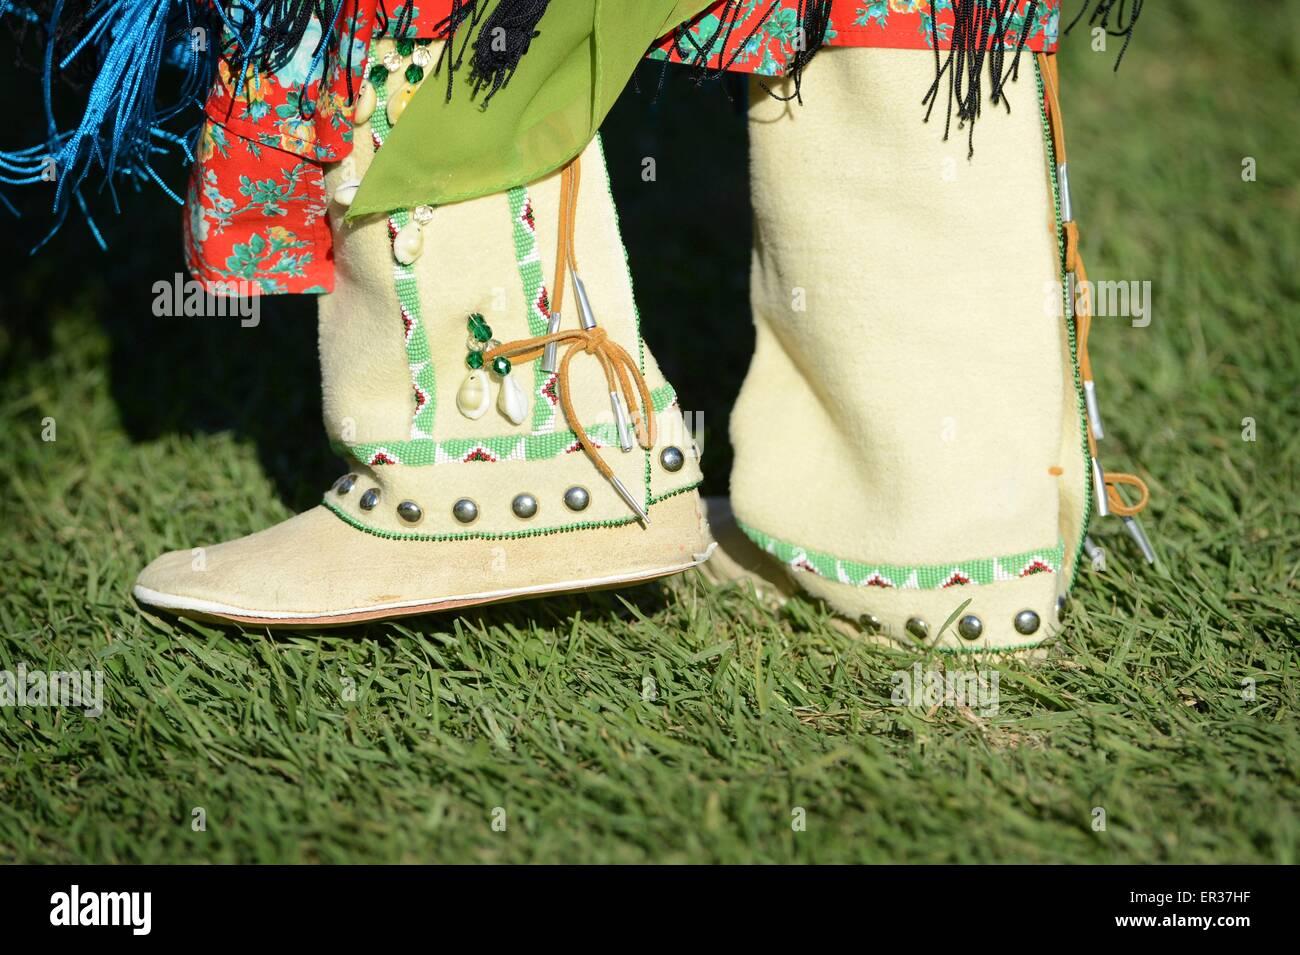 65bae9235940 Authentische indianische Mokassin Regalia während der jährlichen Erbe Tag  Pow Wow 25. November 2014 in